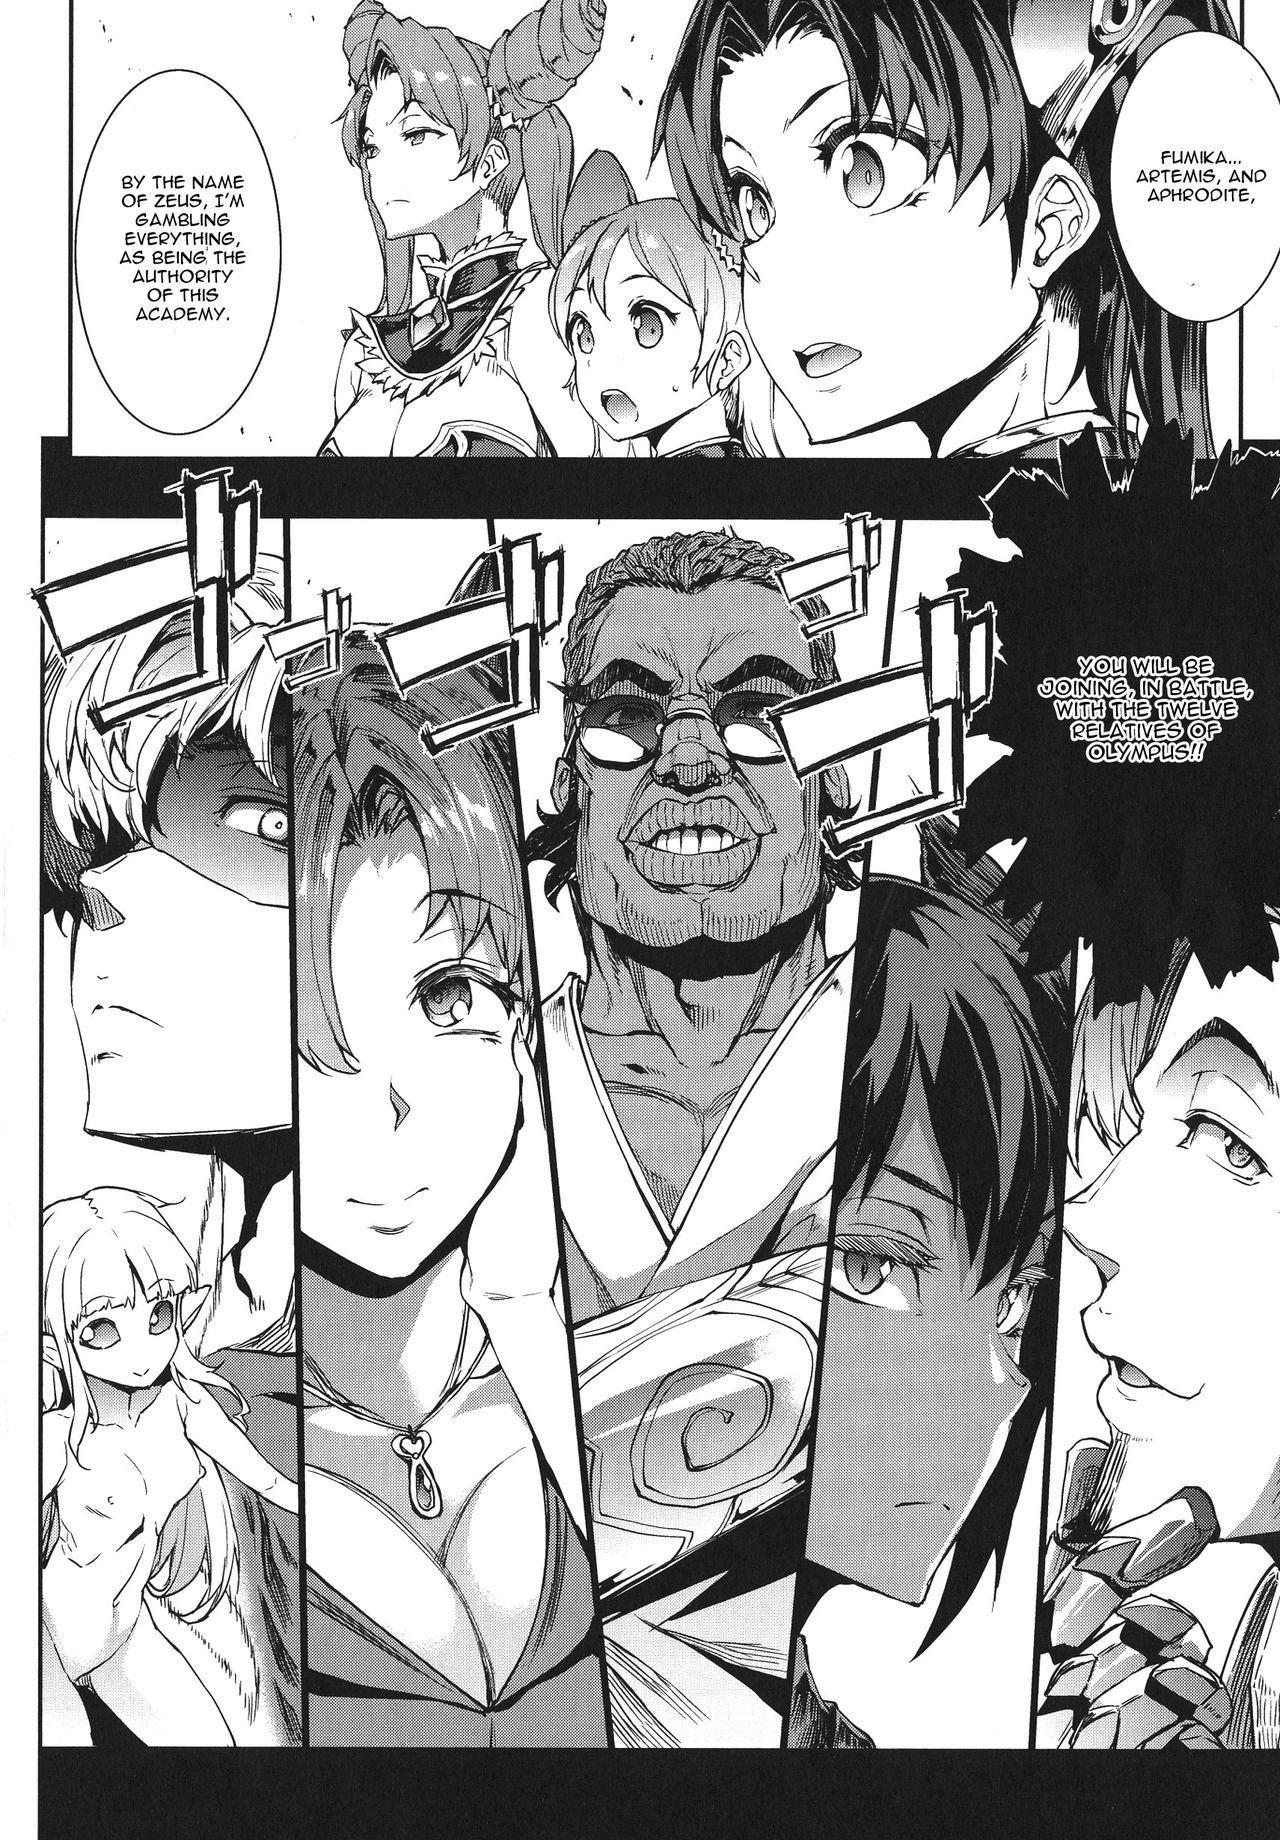 [Erect Sawaru] Raikou Shinki Igis Magia -PANDRA saga 3rd ignition- Ch. 1-5 [English] [CGrascal] 82